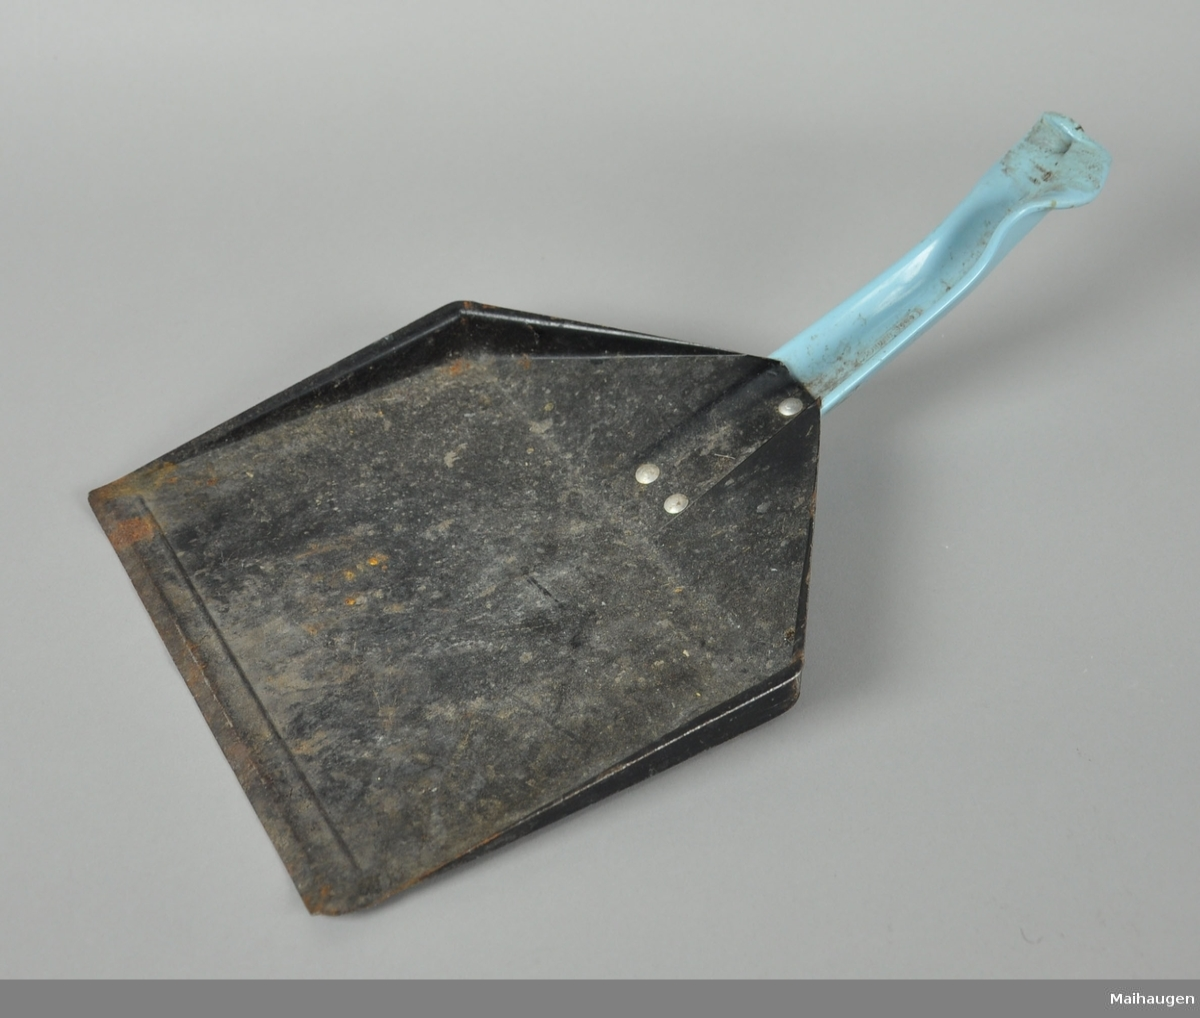 Peisspade av metall, med hanke av blå plast. Enden av håndtaket har smelteskader.